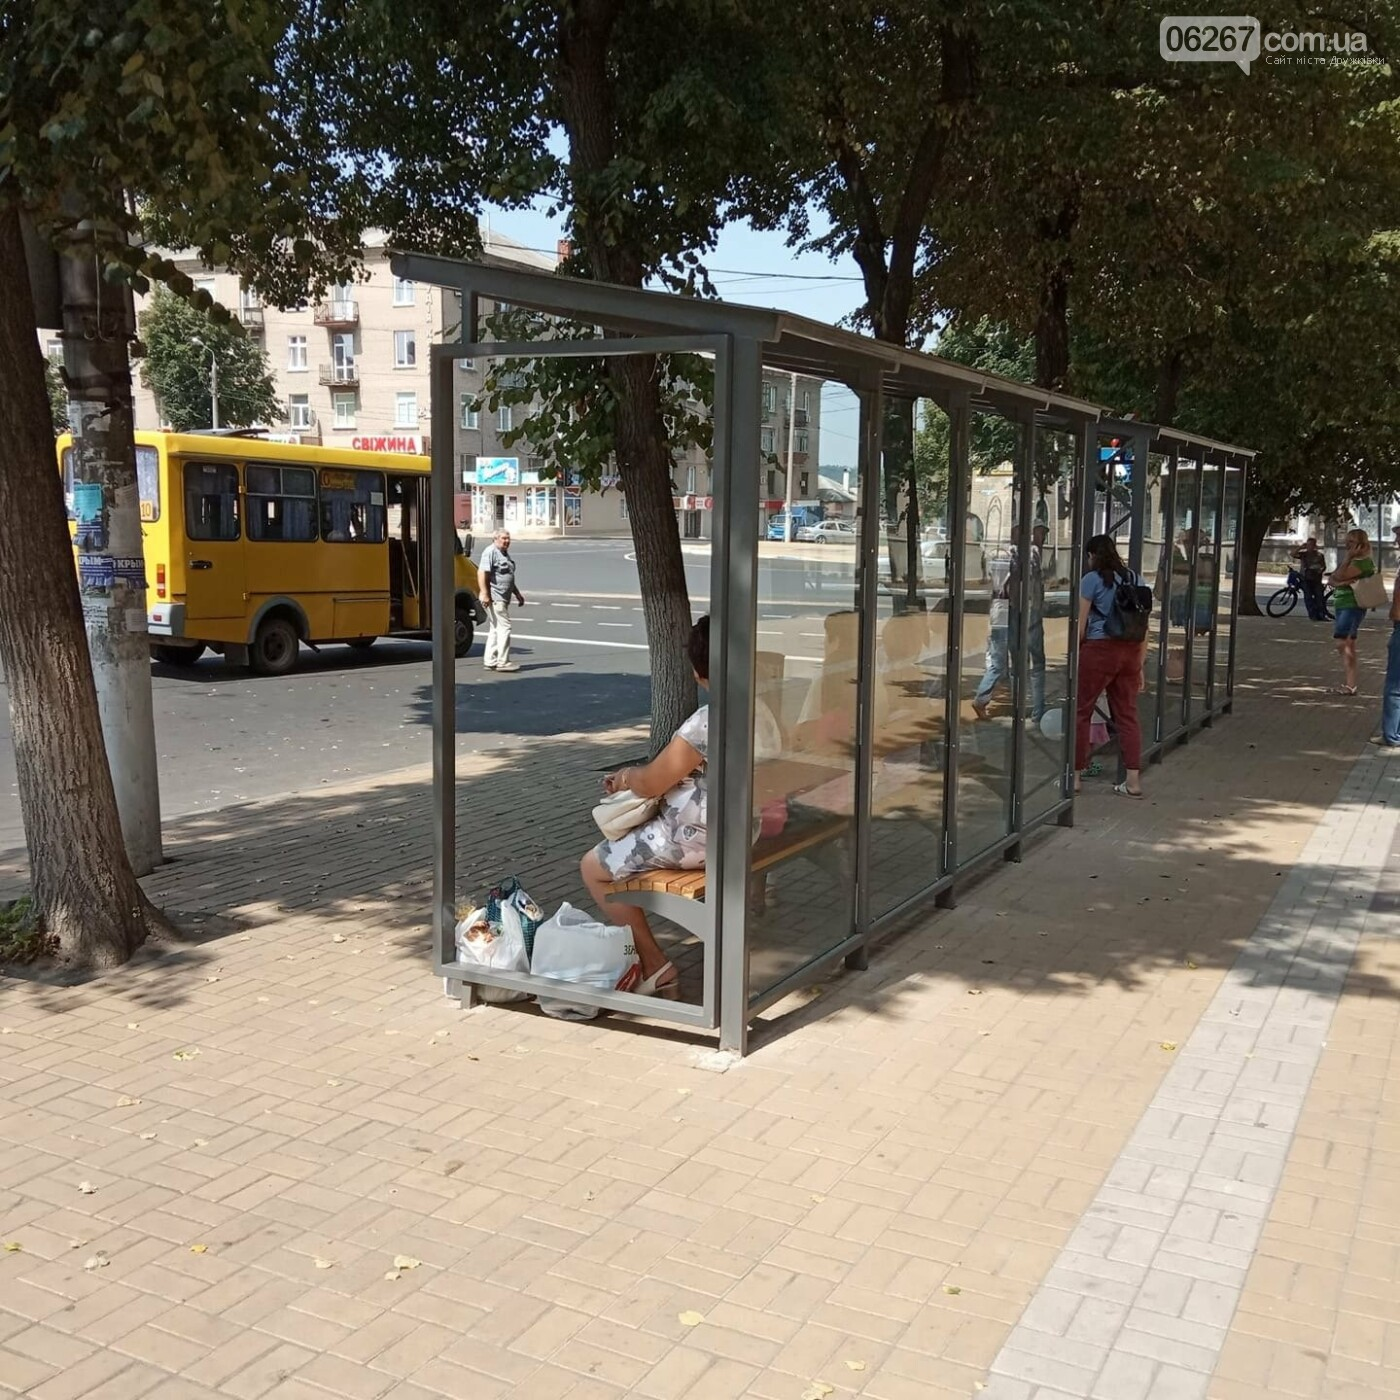 Дружківка: На площі Соборній з'явився новий зупинковый павільйон, фото-1